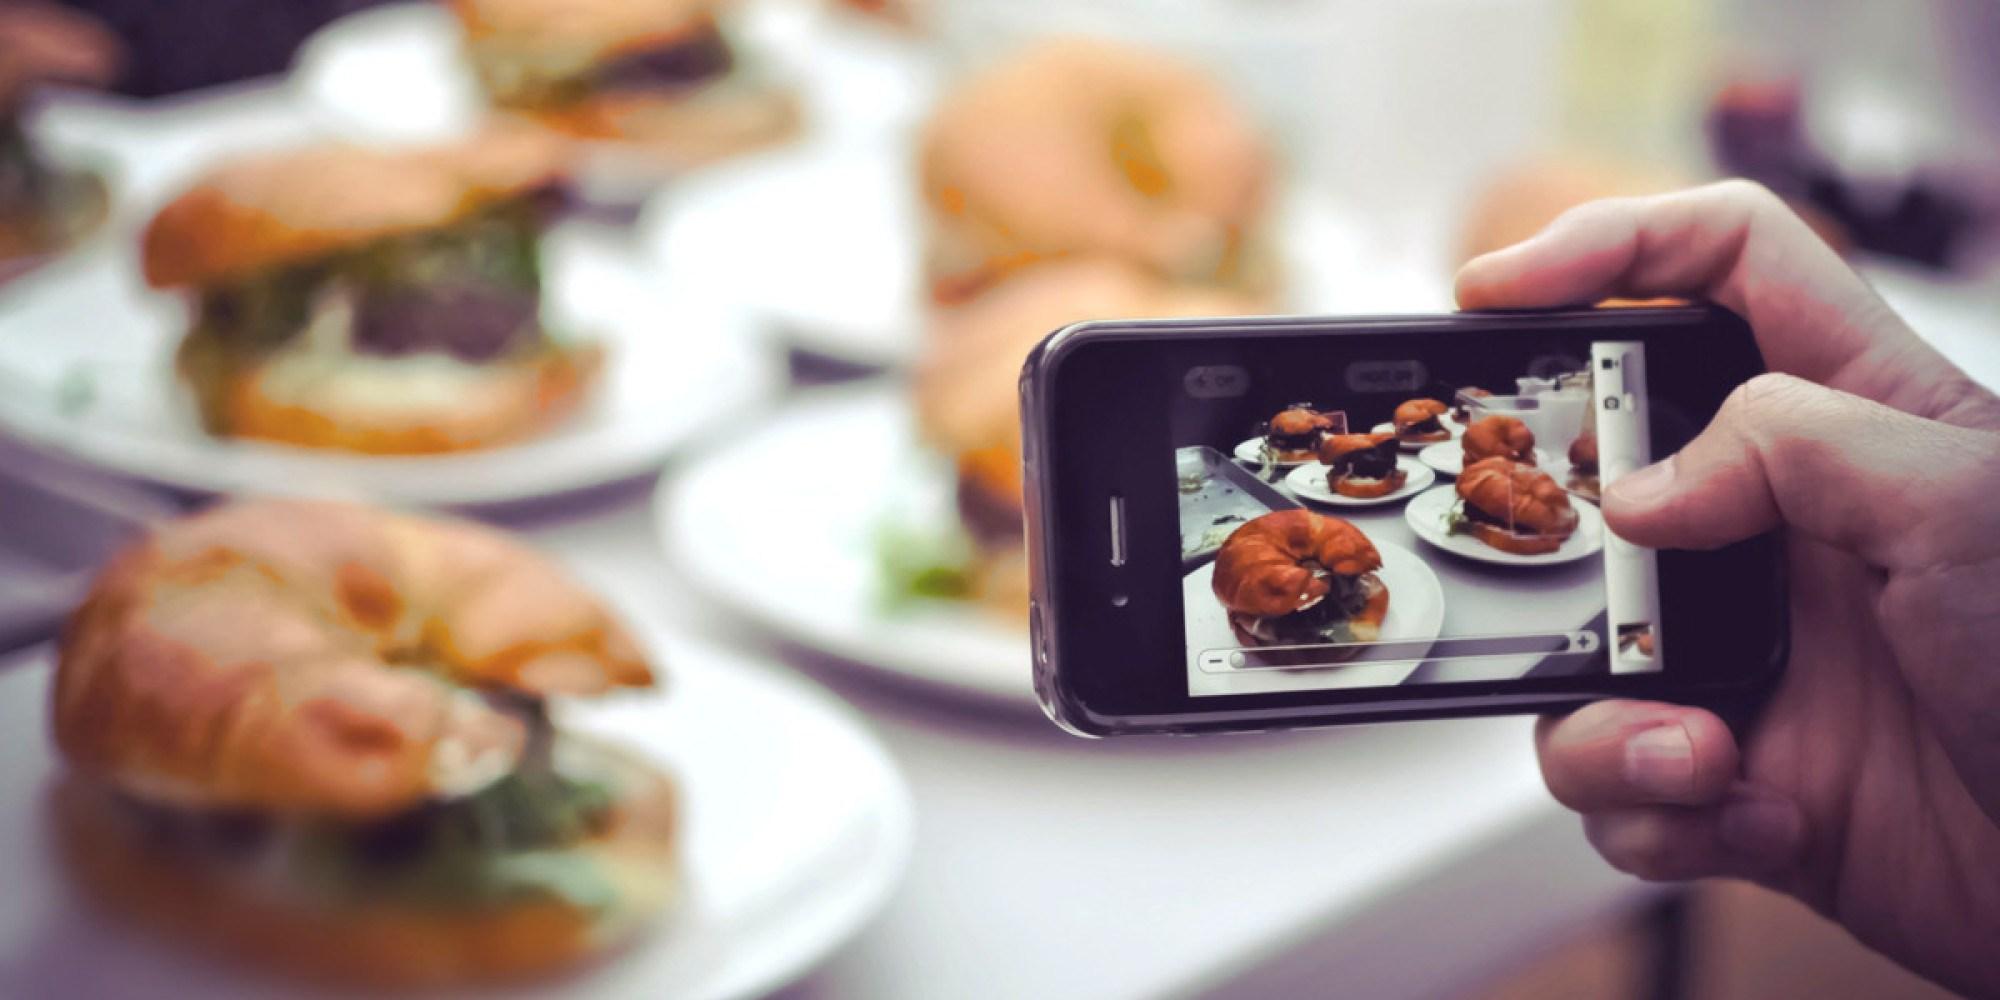 Les photos de plats de cuisine violent le droit d'auteur